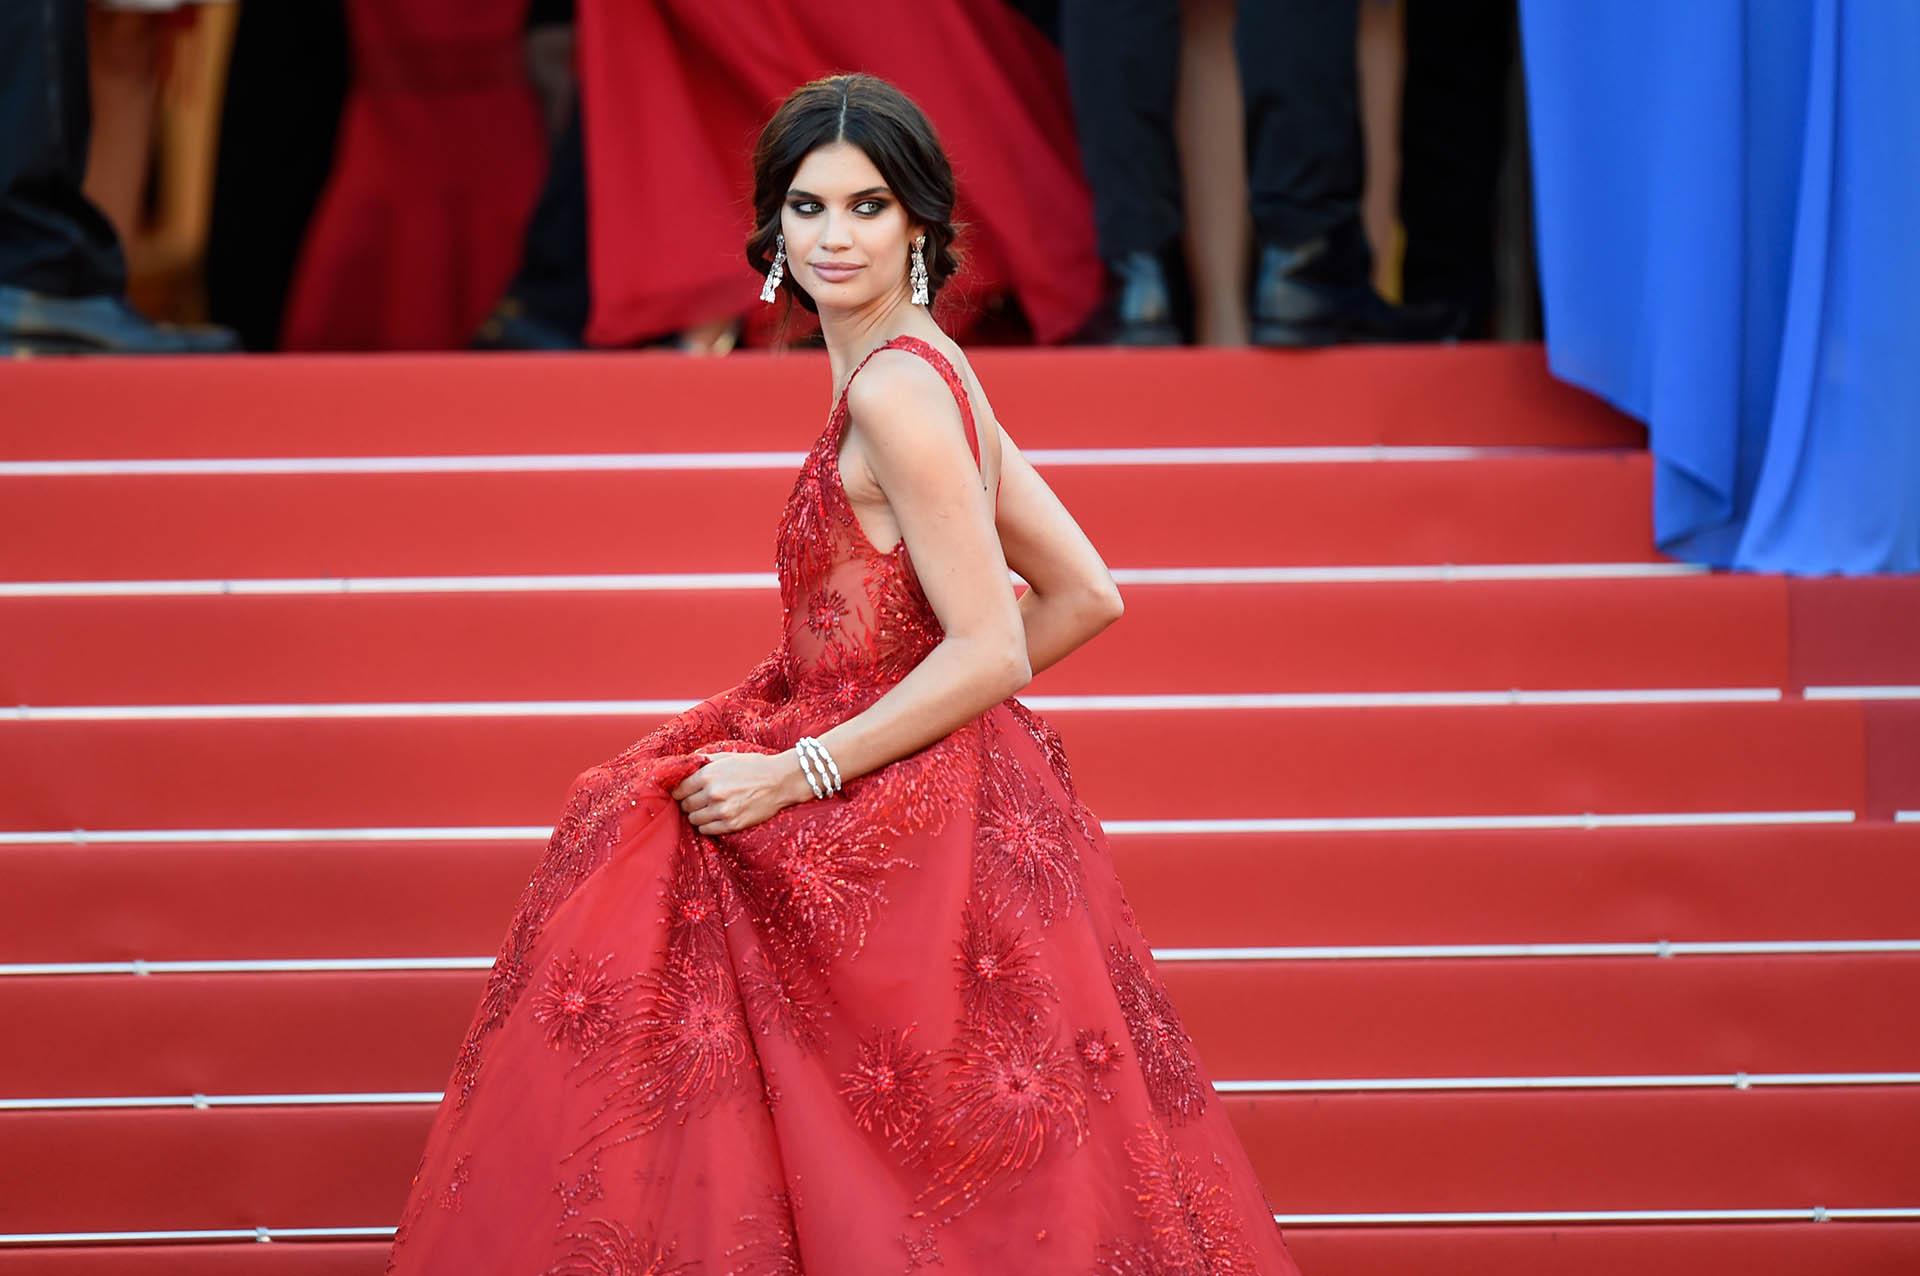 Sara Sampaio, uno de los looks más imponentes en esta edición de Cannes, con detalles en su vestido rojo, aros que acompañaban y un maquillaje hizo de su look un verdadero éxito de moda (Photo by Antony Jones/Getty Images)